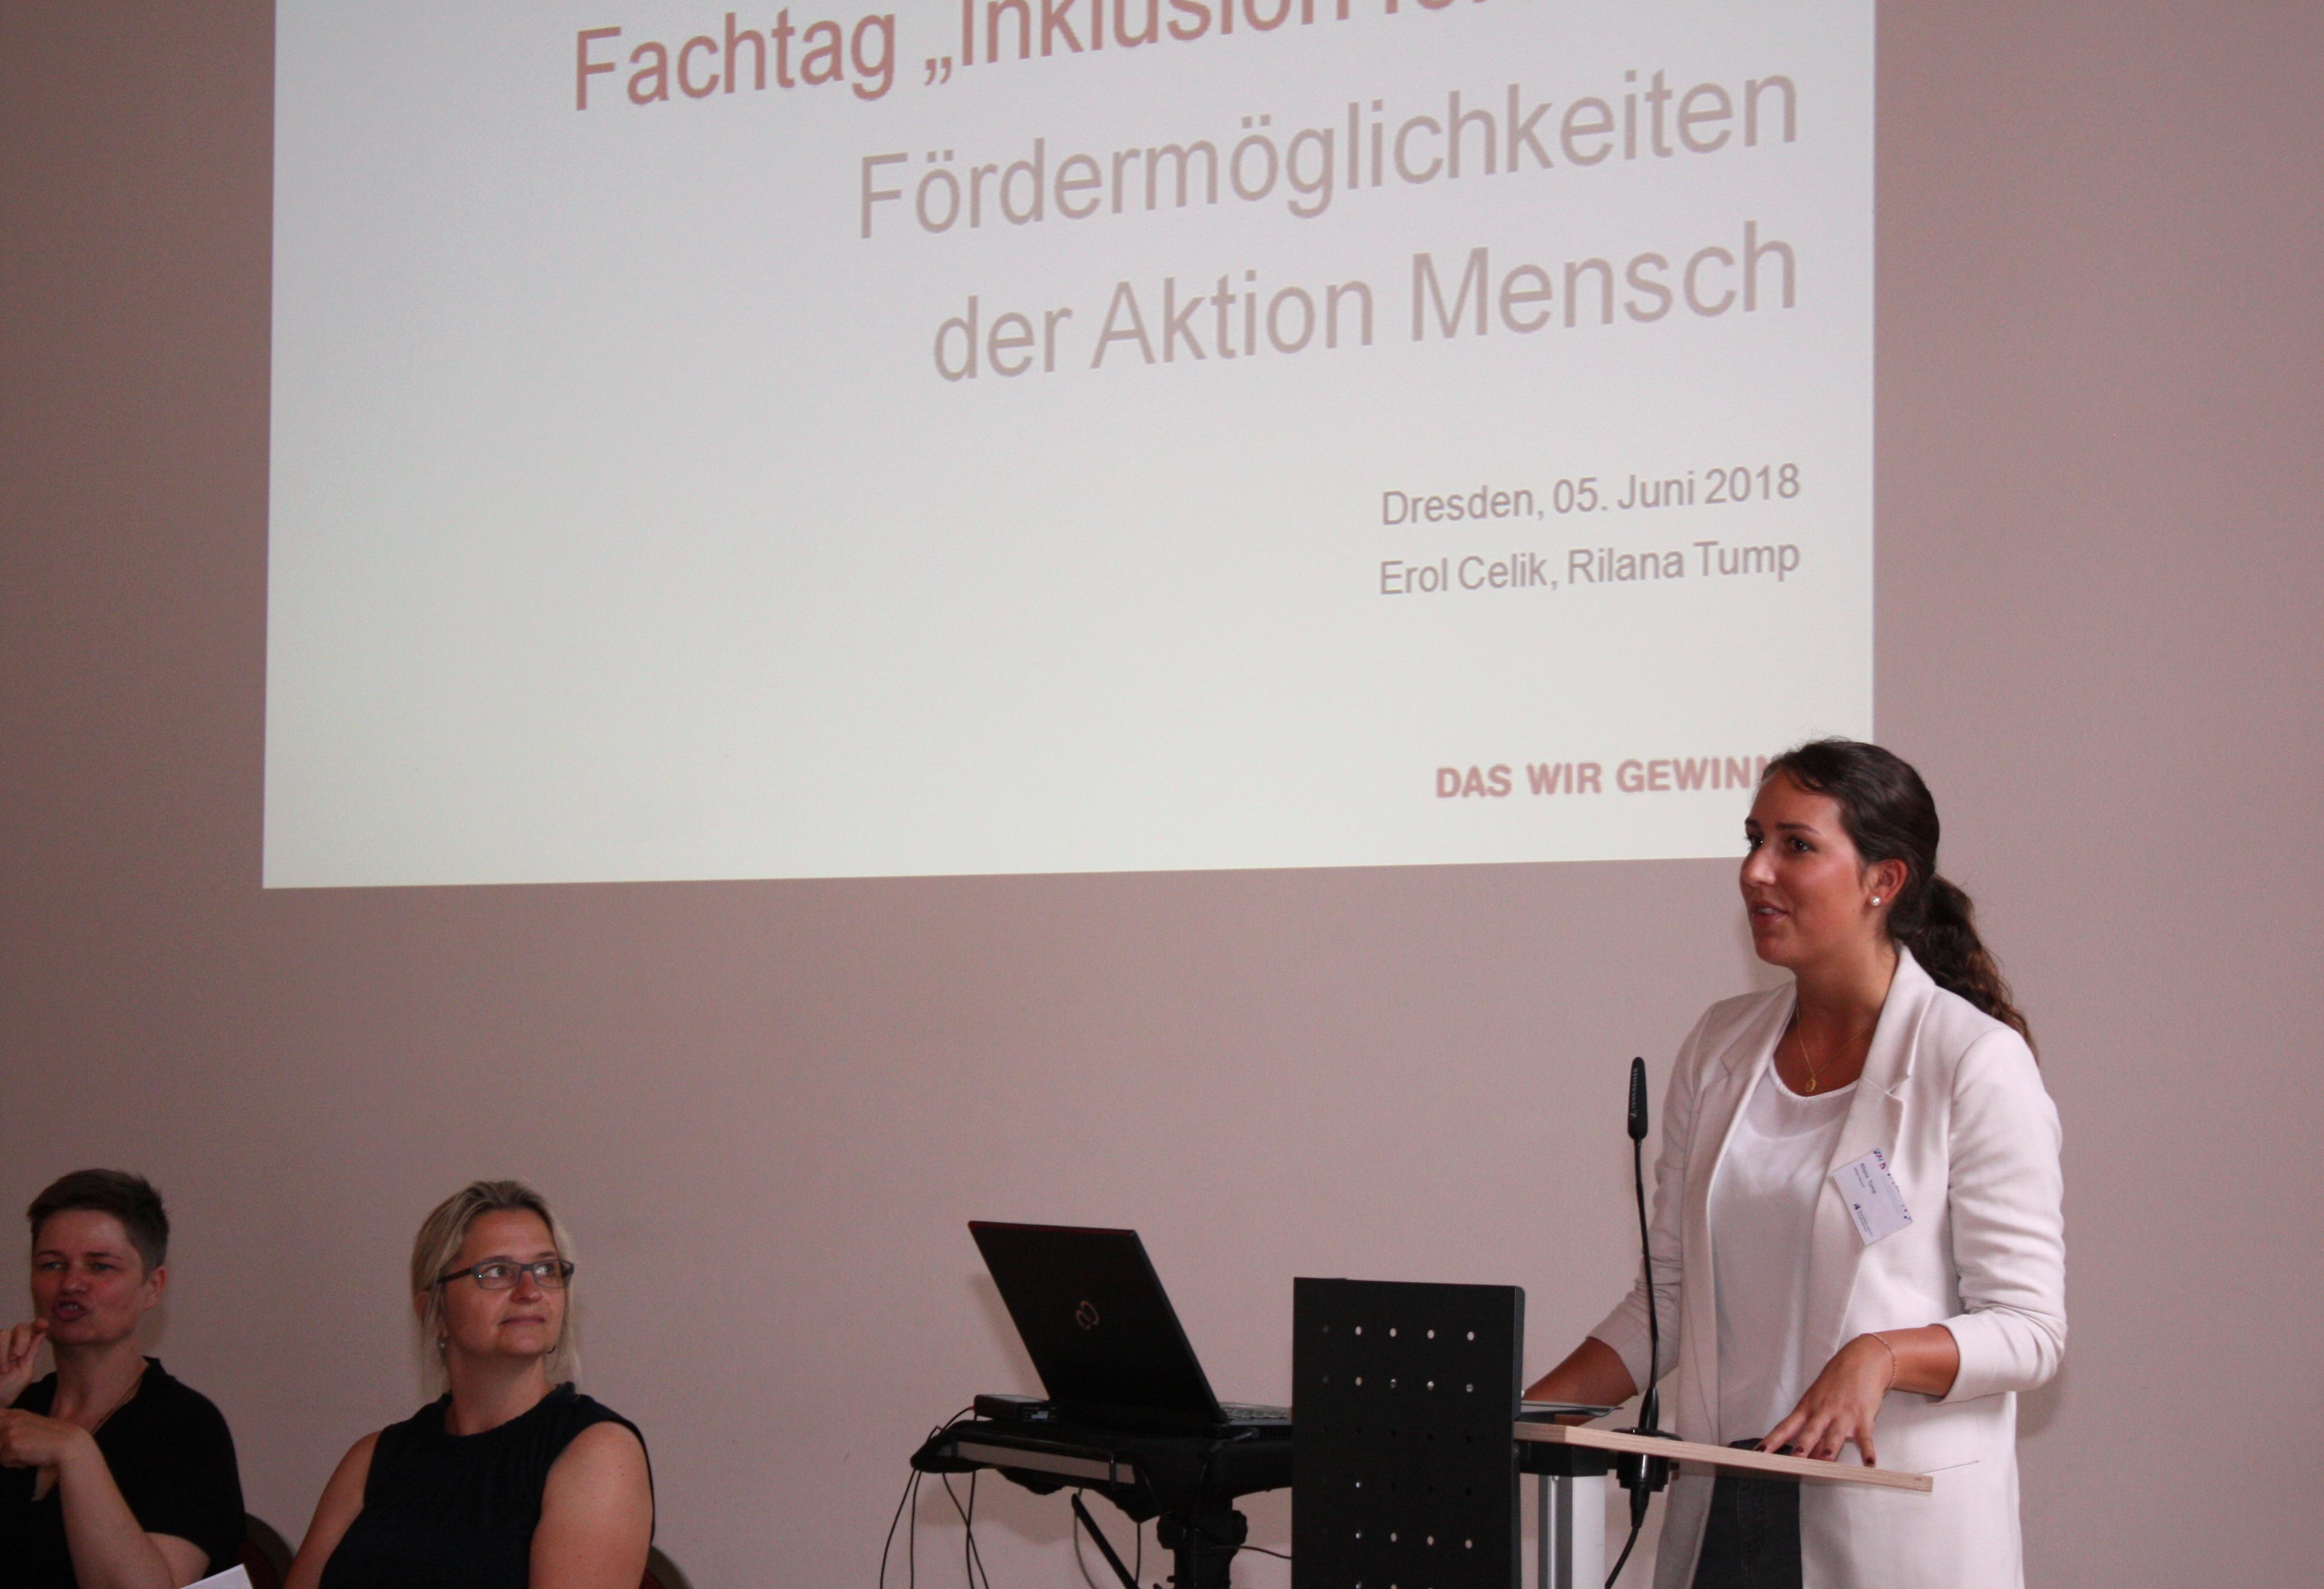 Referentin am Pult stehend, im Hintergrund Präsentation, links zwei Gebärdensprachdolmetscherinnen